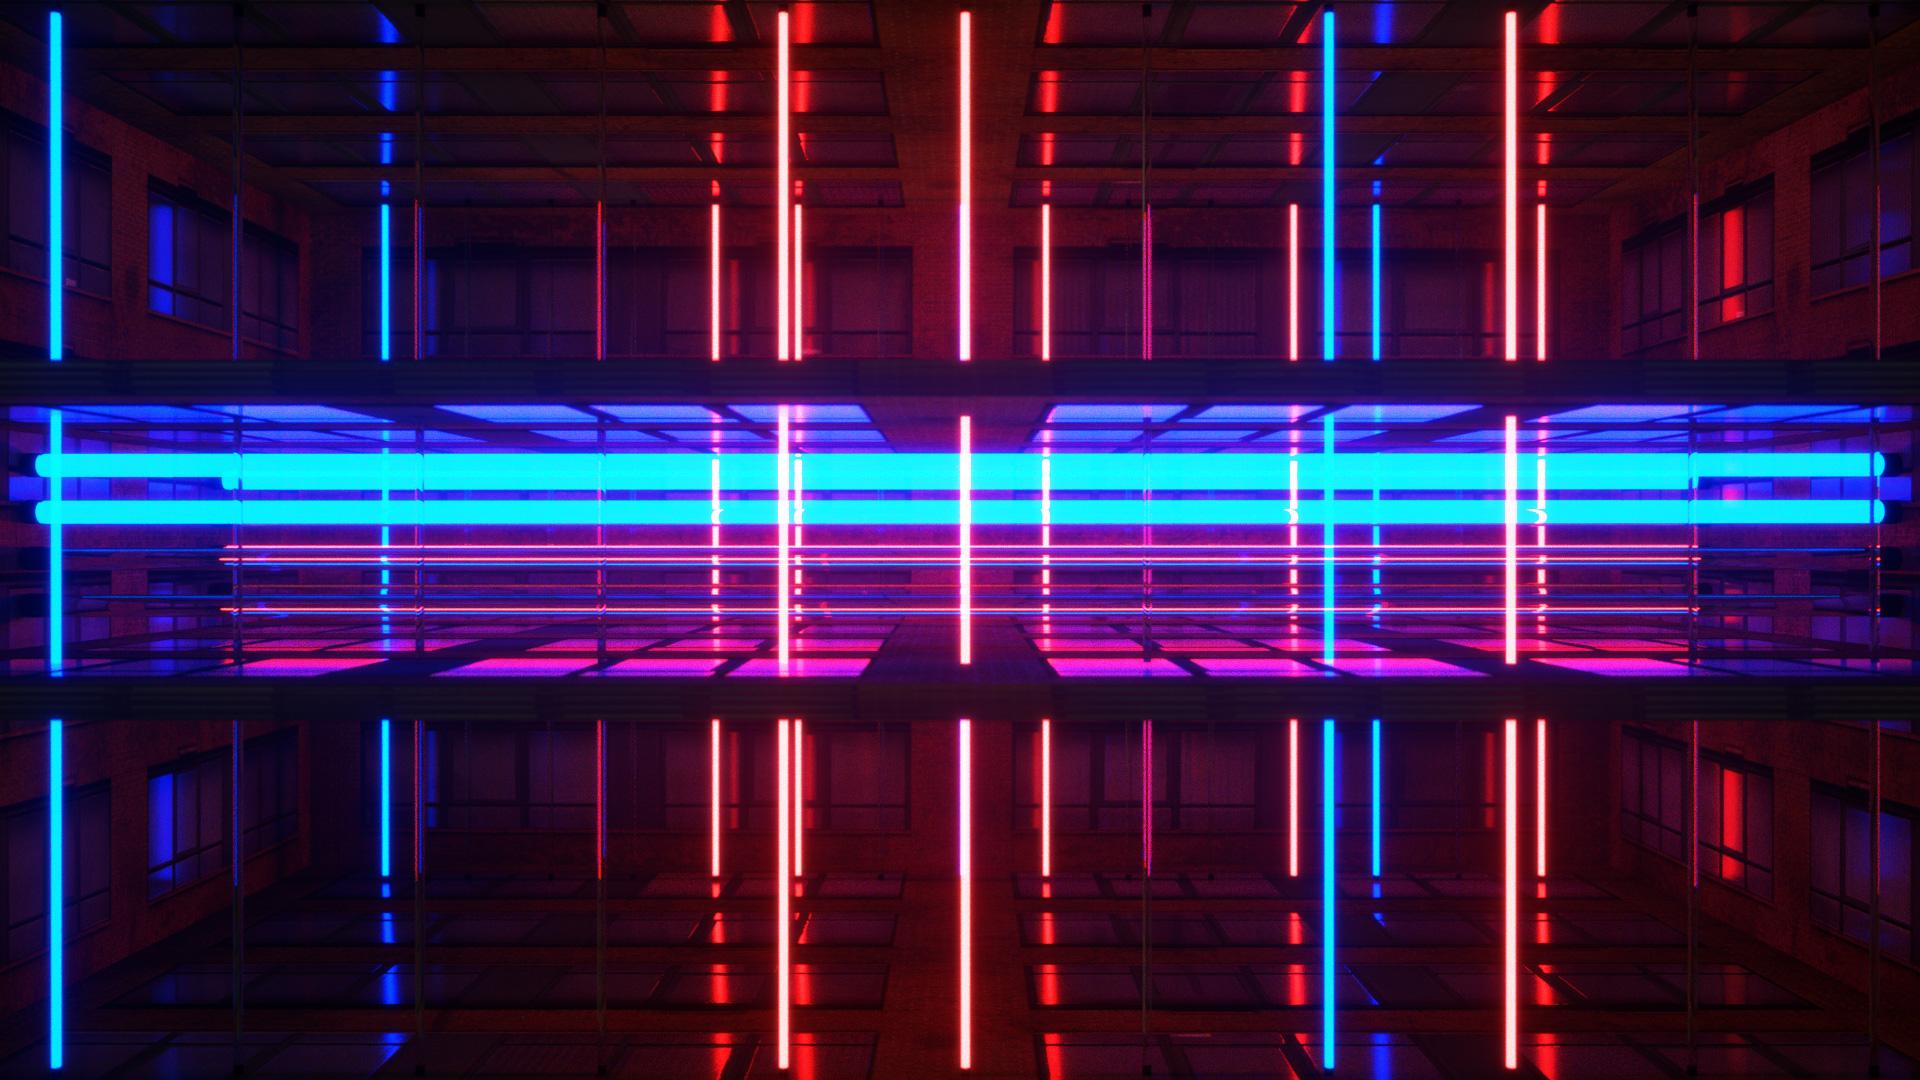 Neon Rooms VJ Loops Pack by Ghosteam